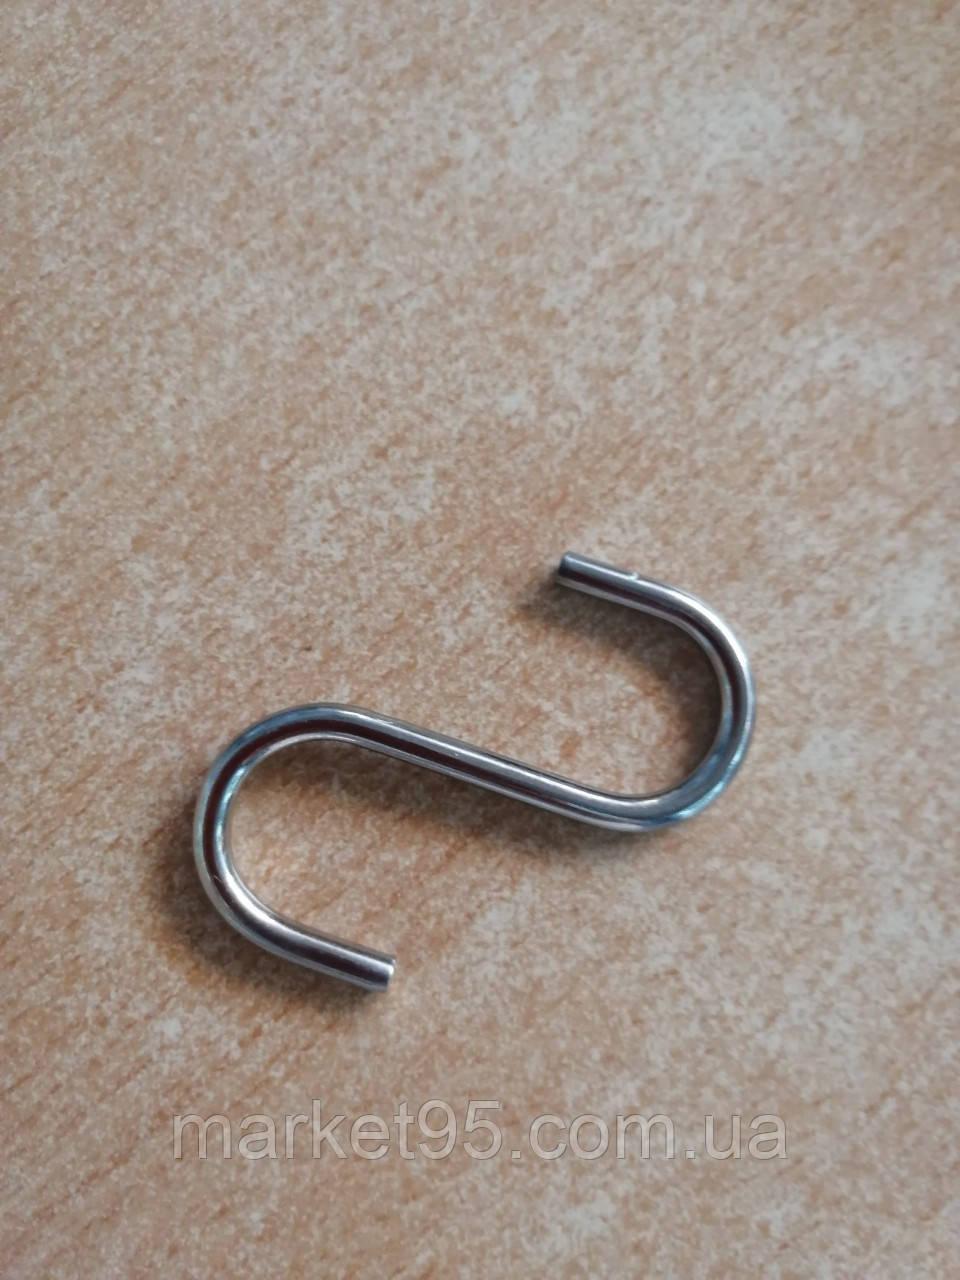 Крючки на рейлинг 16 трубу